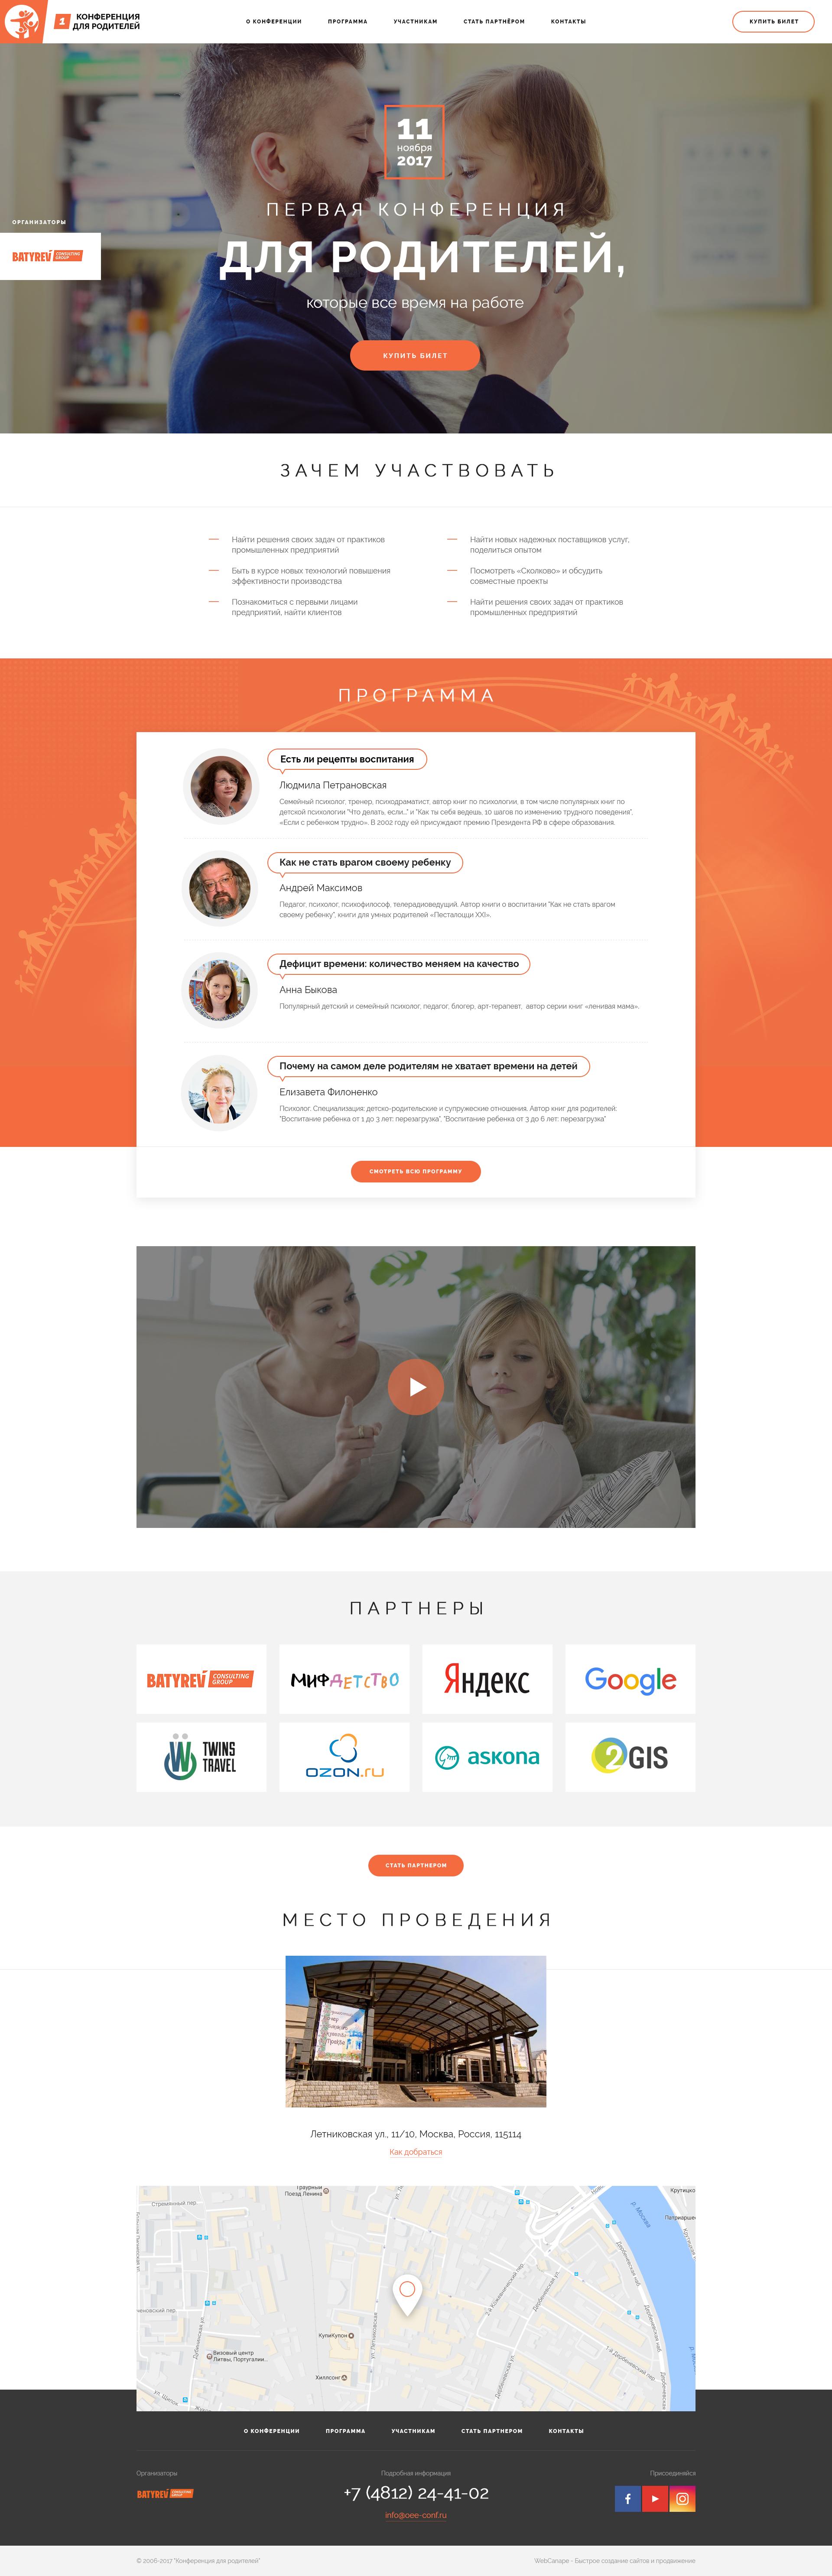 Разработка сайта конференции для родителей